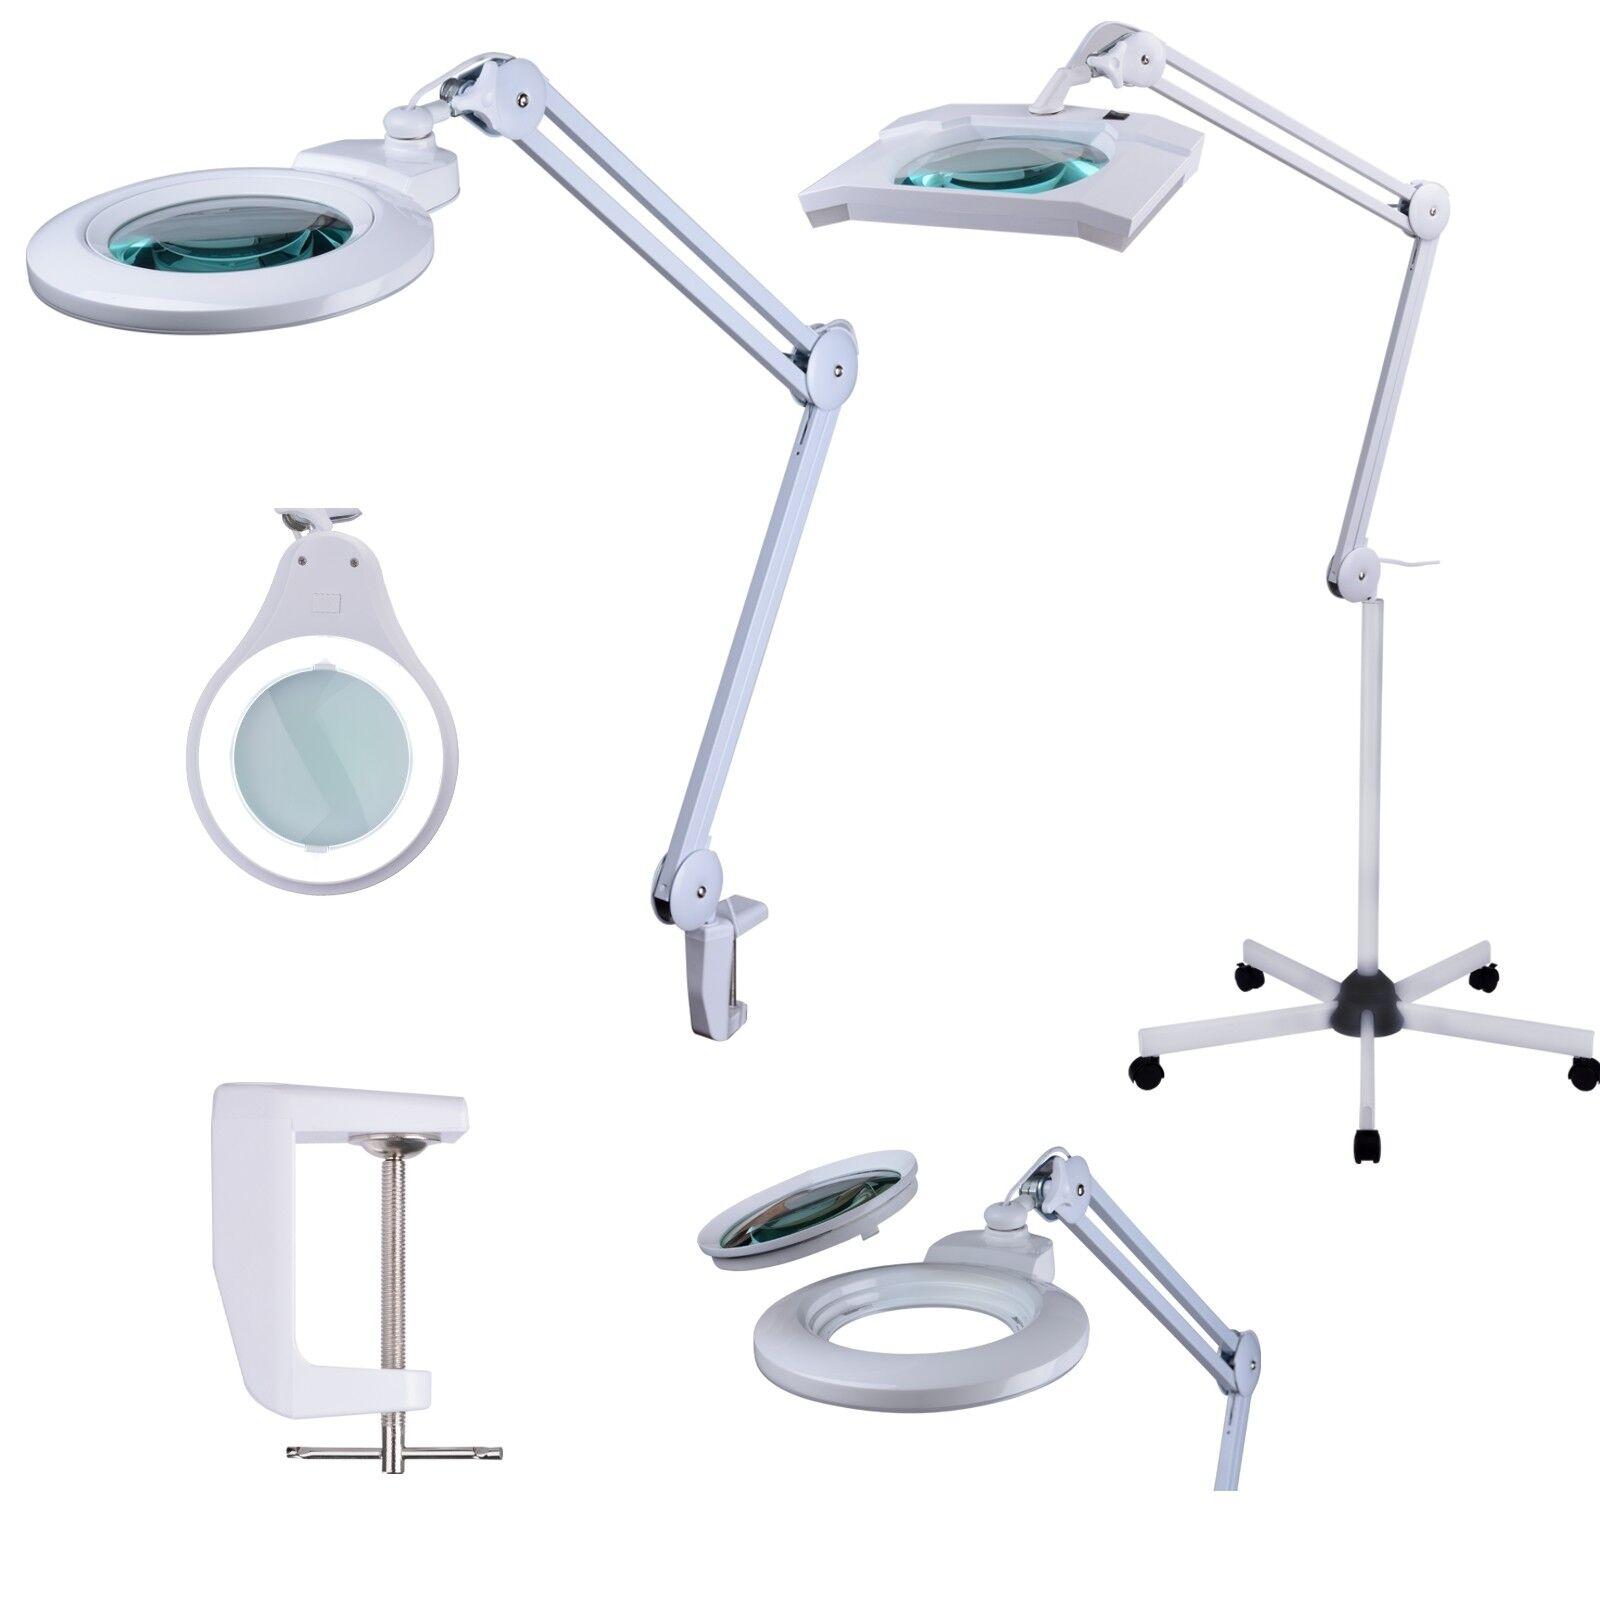 Komerci KML LED Lupenleuchte Lupenlampe mit Dimmer Stativ 3D 5D Linse Rollstativ     | Zürich Online Shop  | Sale Deutschland  | Schöne Farbe